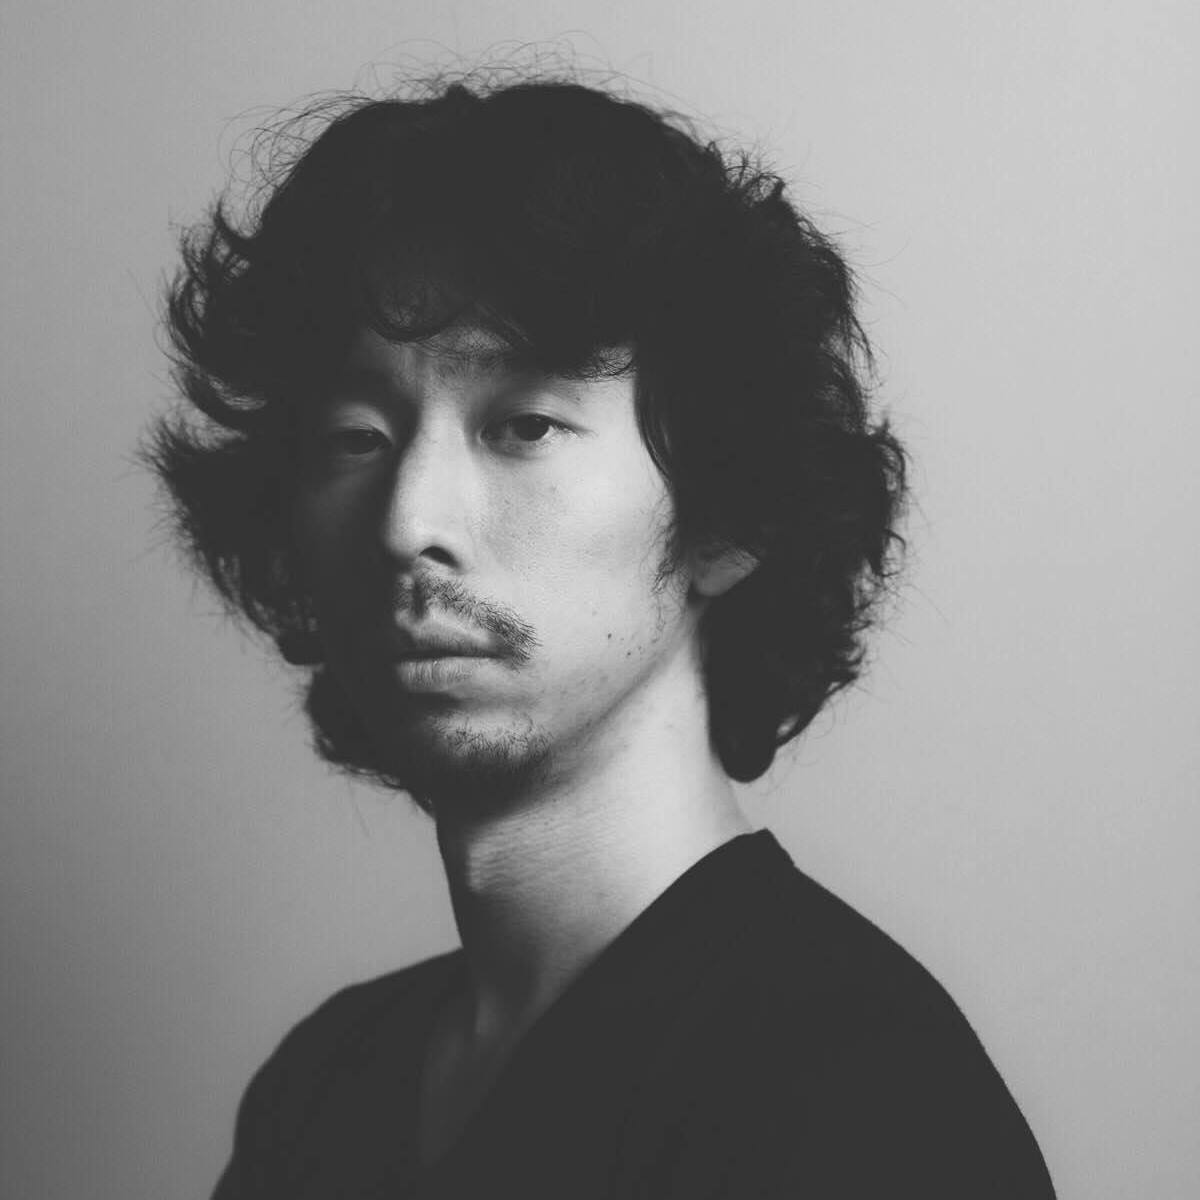 Artists in residence - Kensuke Koike